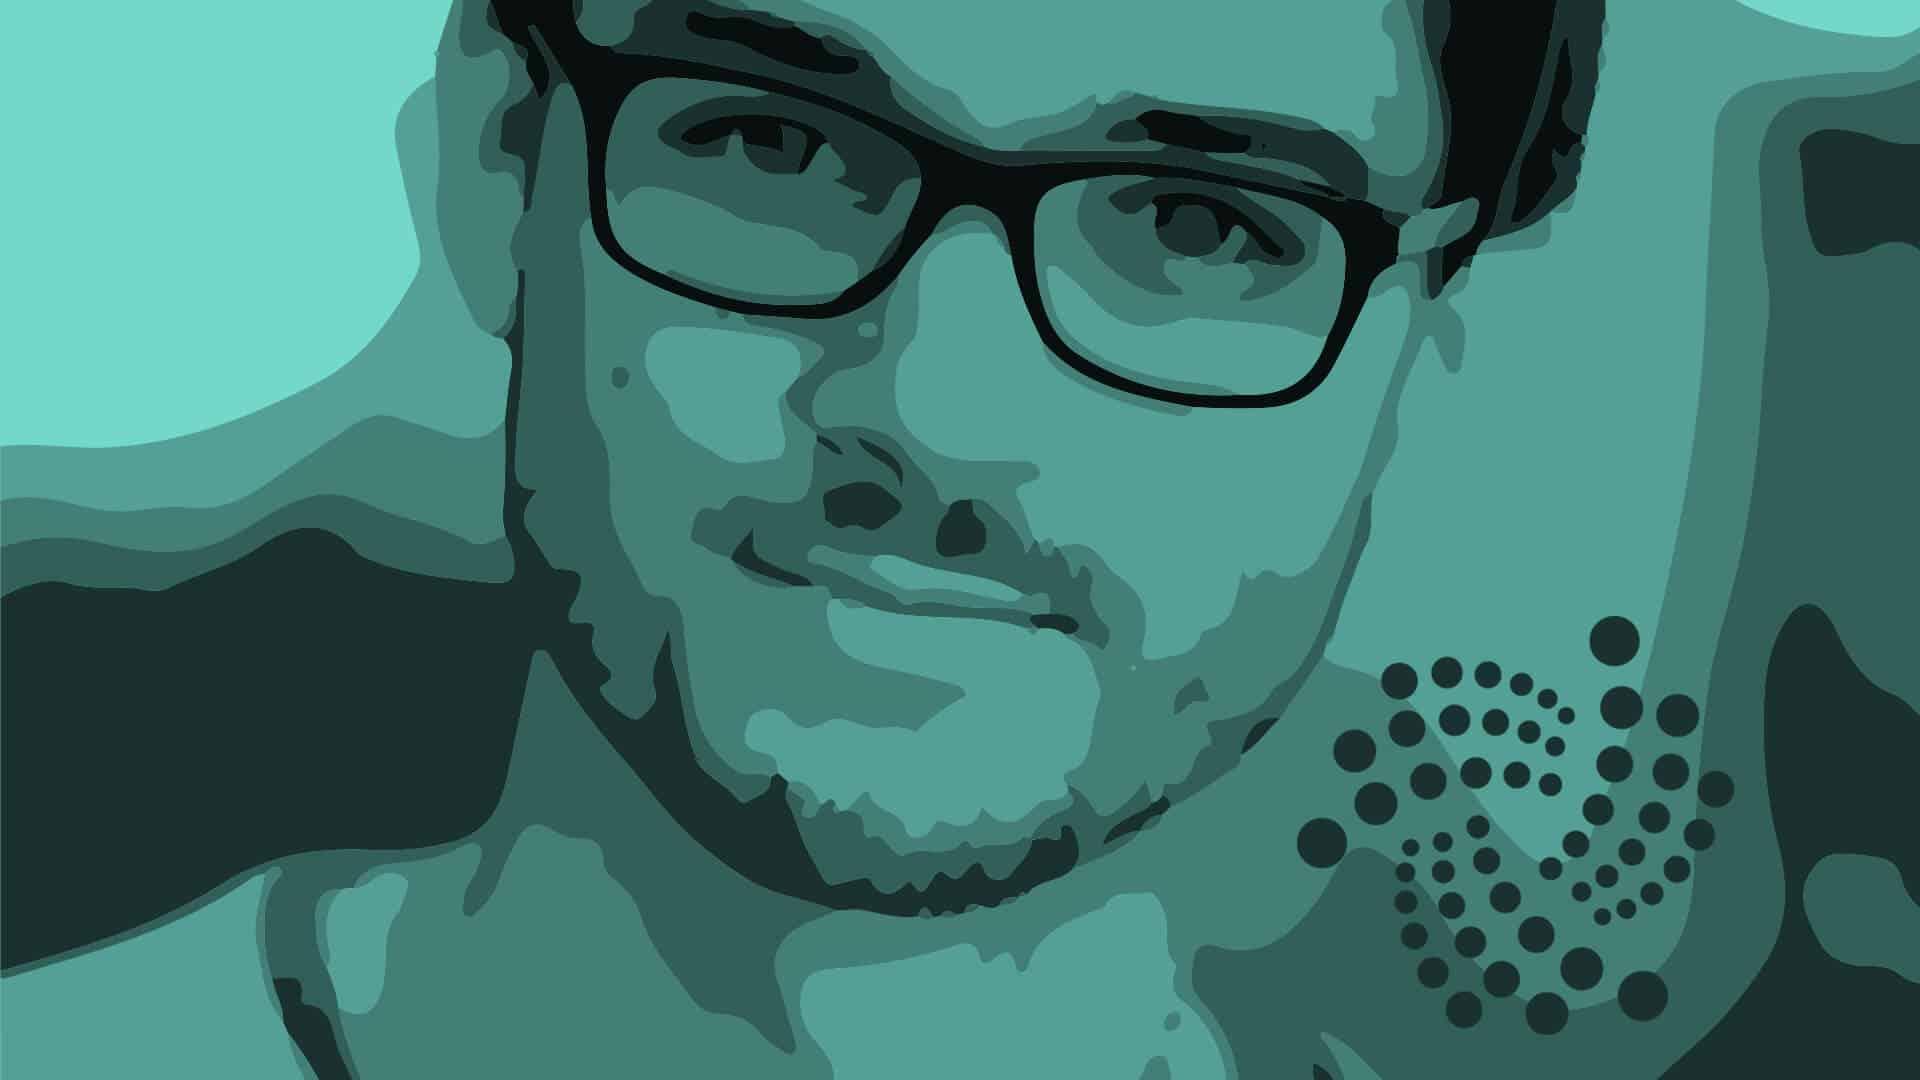 Dominik Schiener ist einer der Mitbegründer der Kryptowährung IOTA, Internet of Things Alliance